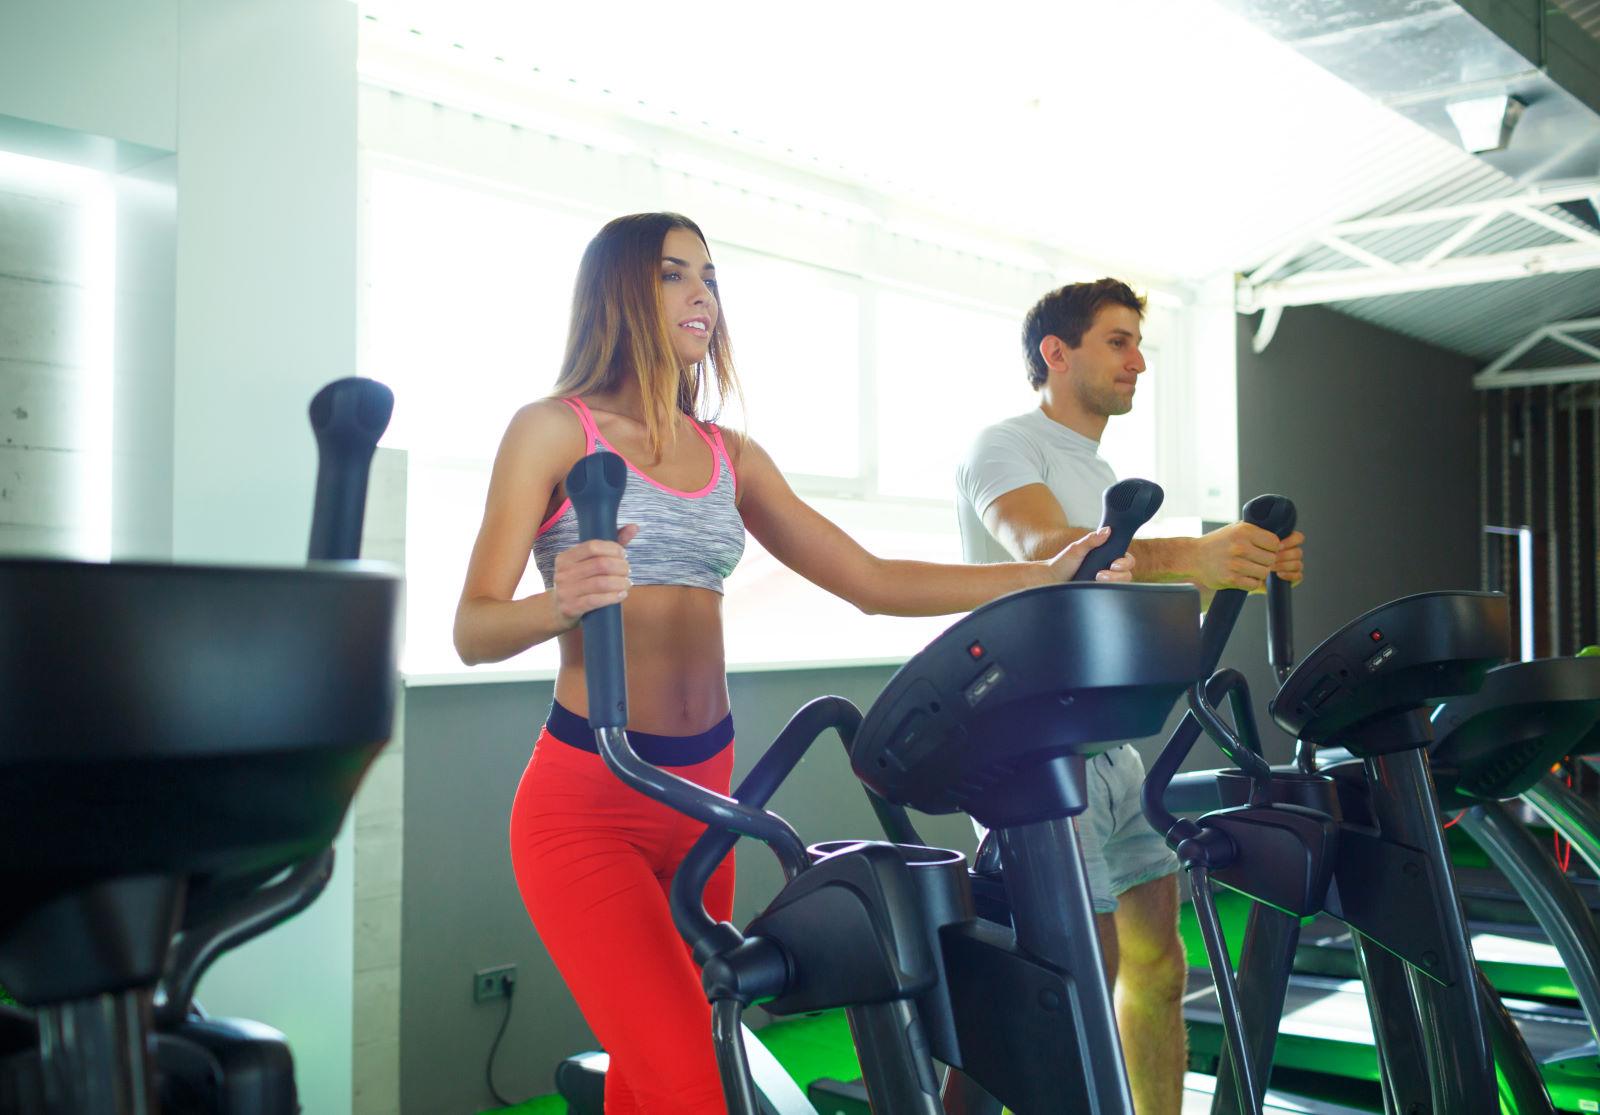 Zdrowe odchudzanie – poradnik dla osób poszukujących bezpiecznych metod skutecznej redukcji wagi